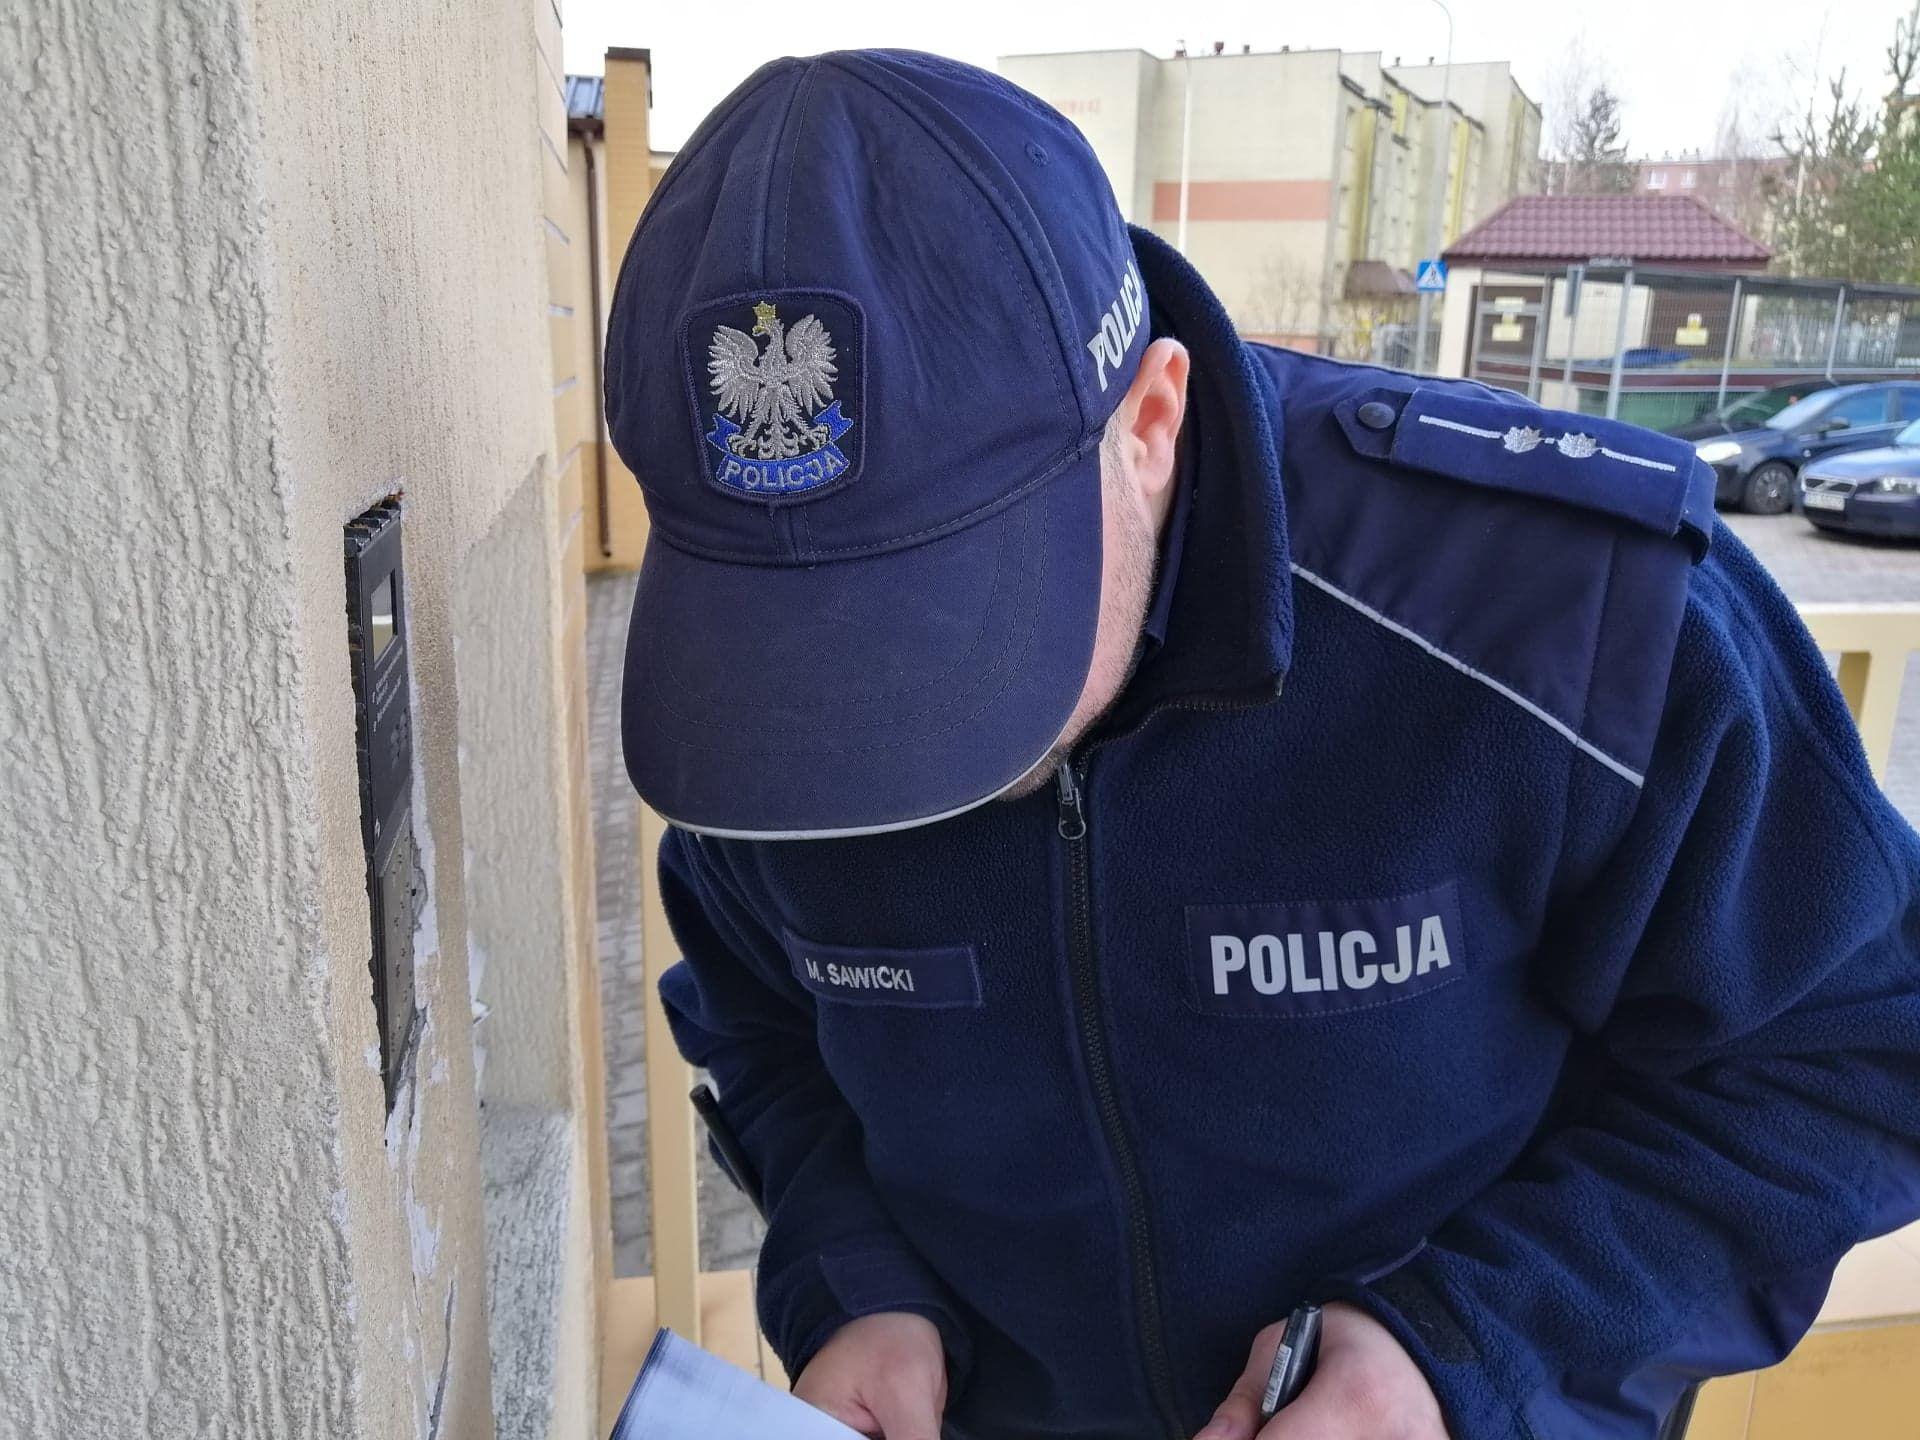 Aplikacja kwarantanna domowa ma odciążyć policję